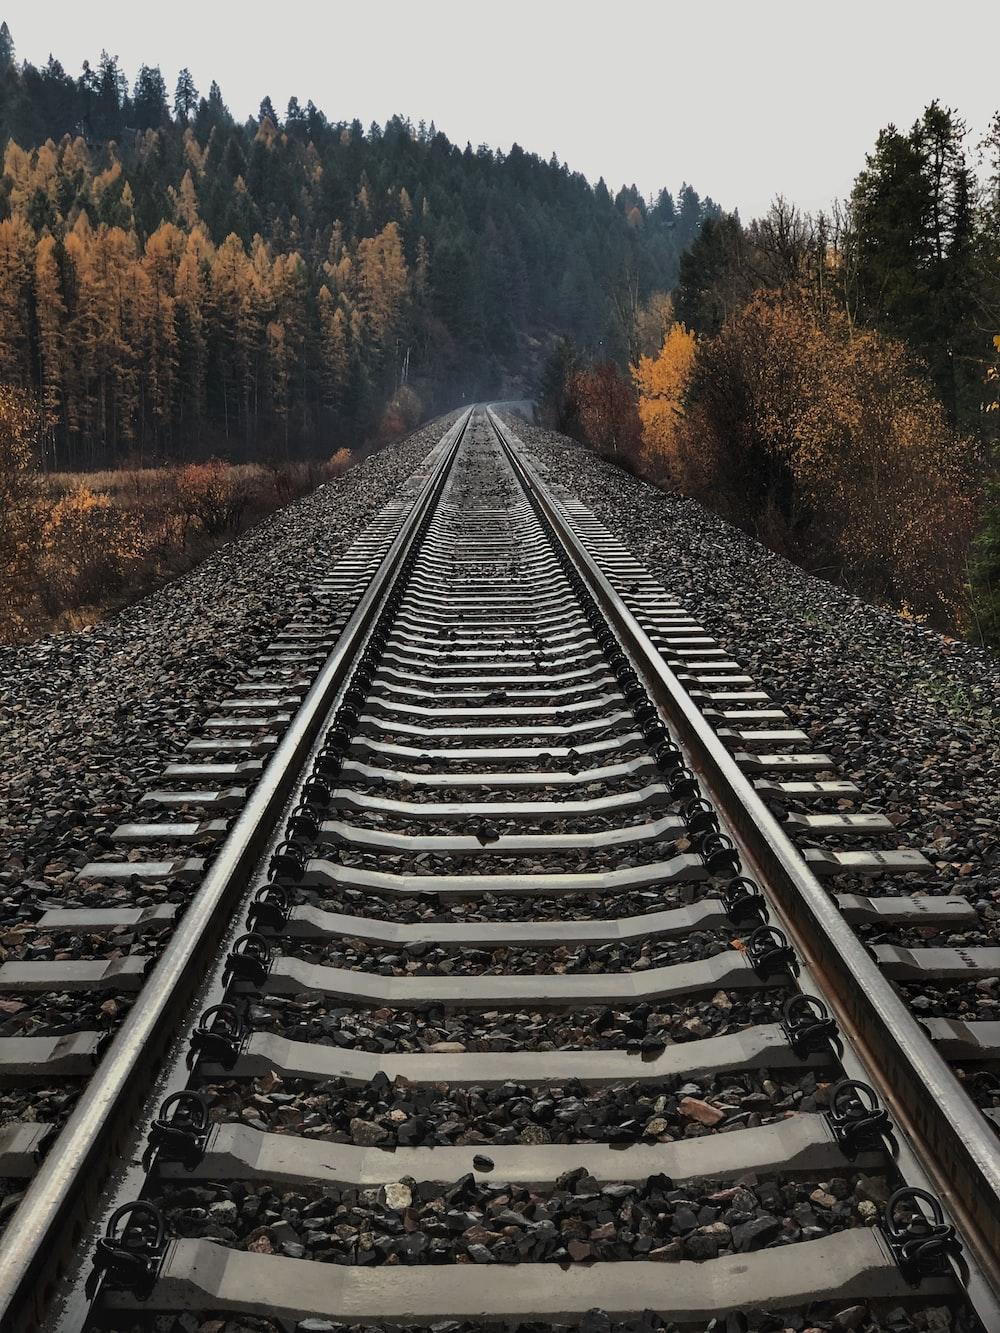 railway between tall trees